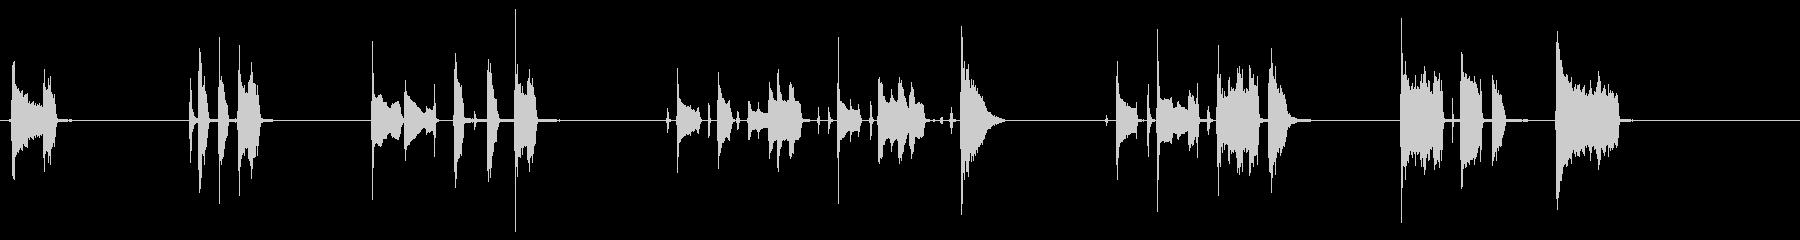 ファンキーギターいろいろジングル効果音 の未再生の波形